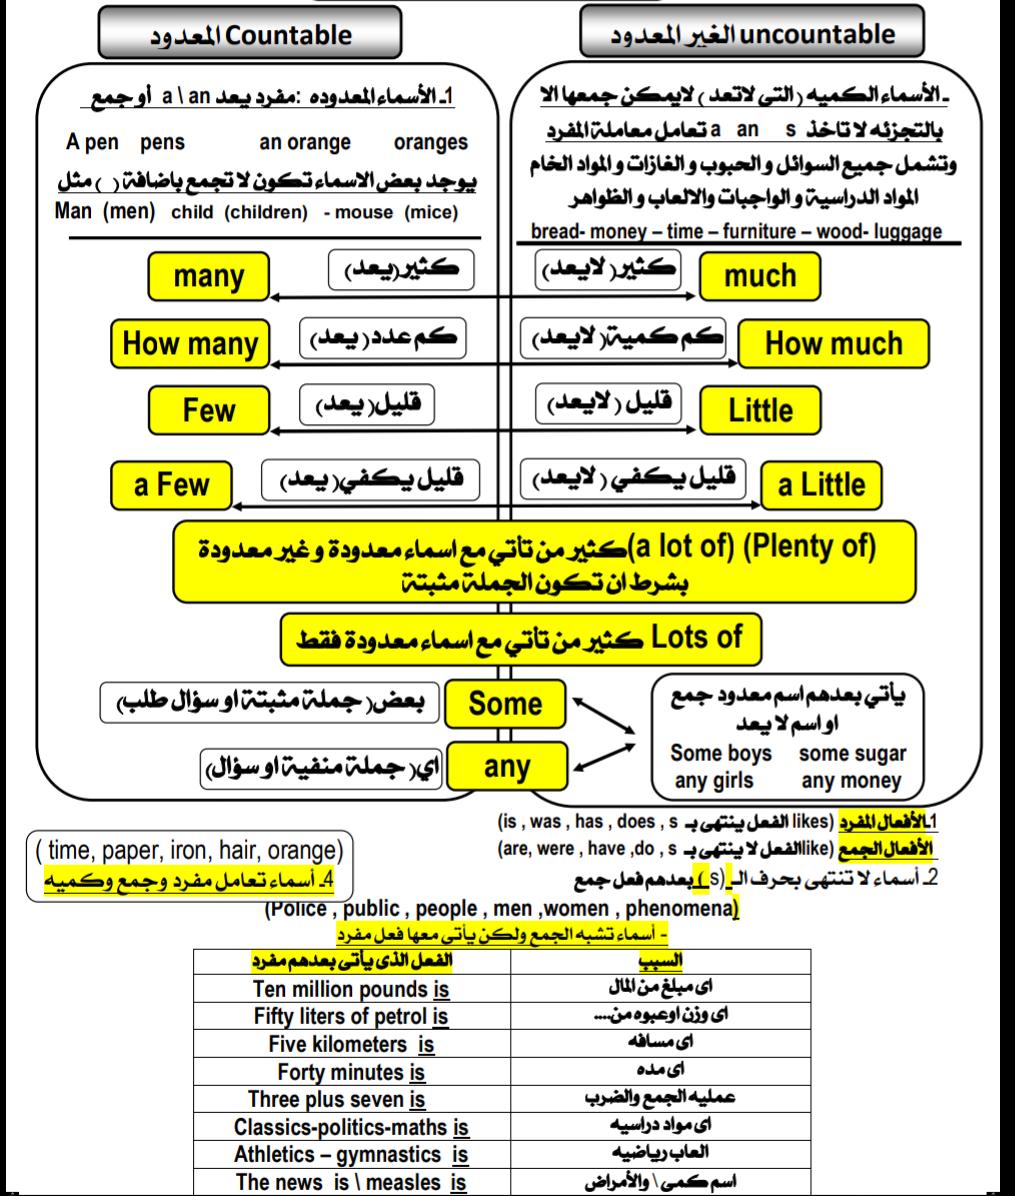 مذكره شرح جميع قواعد اللغه الانجليزيه للصف الثالث الثانوى